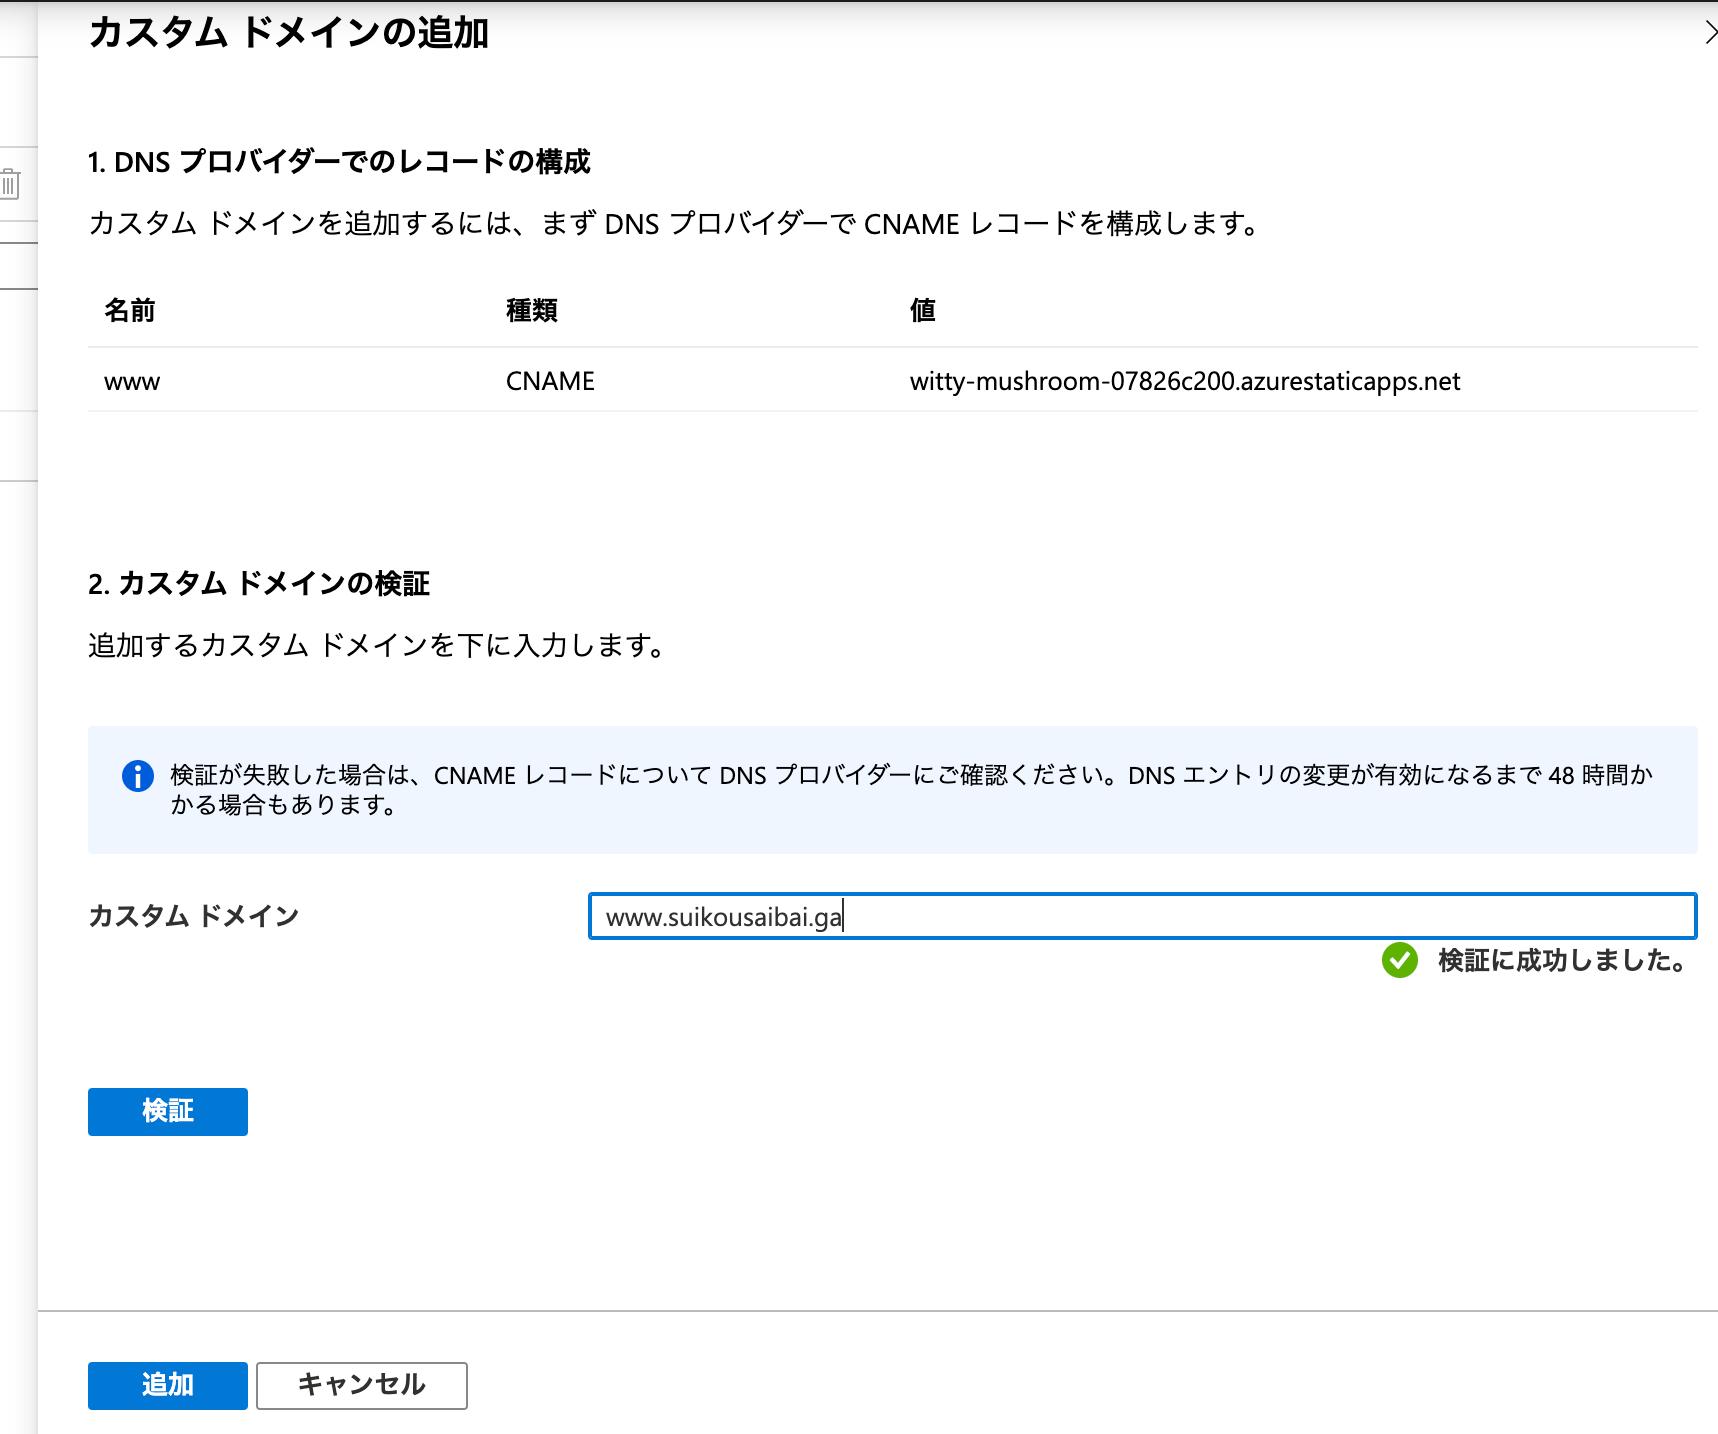 スクリーンショット 2020-05-25 23.48.39.png